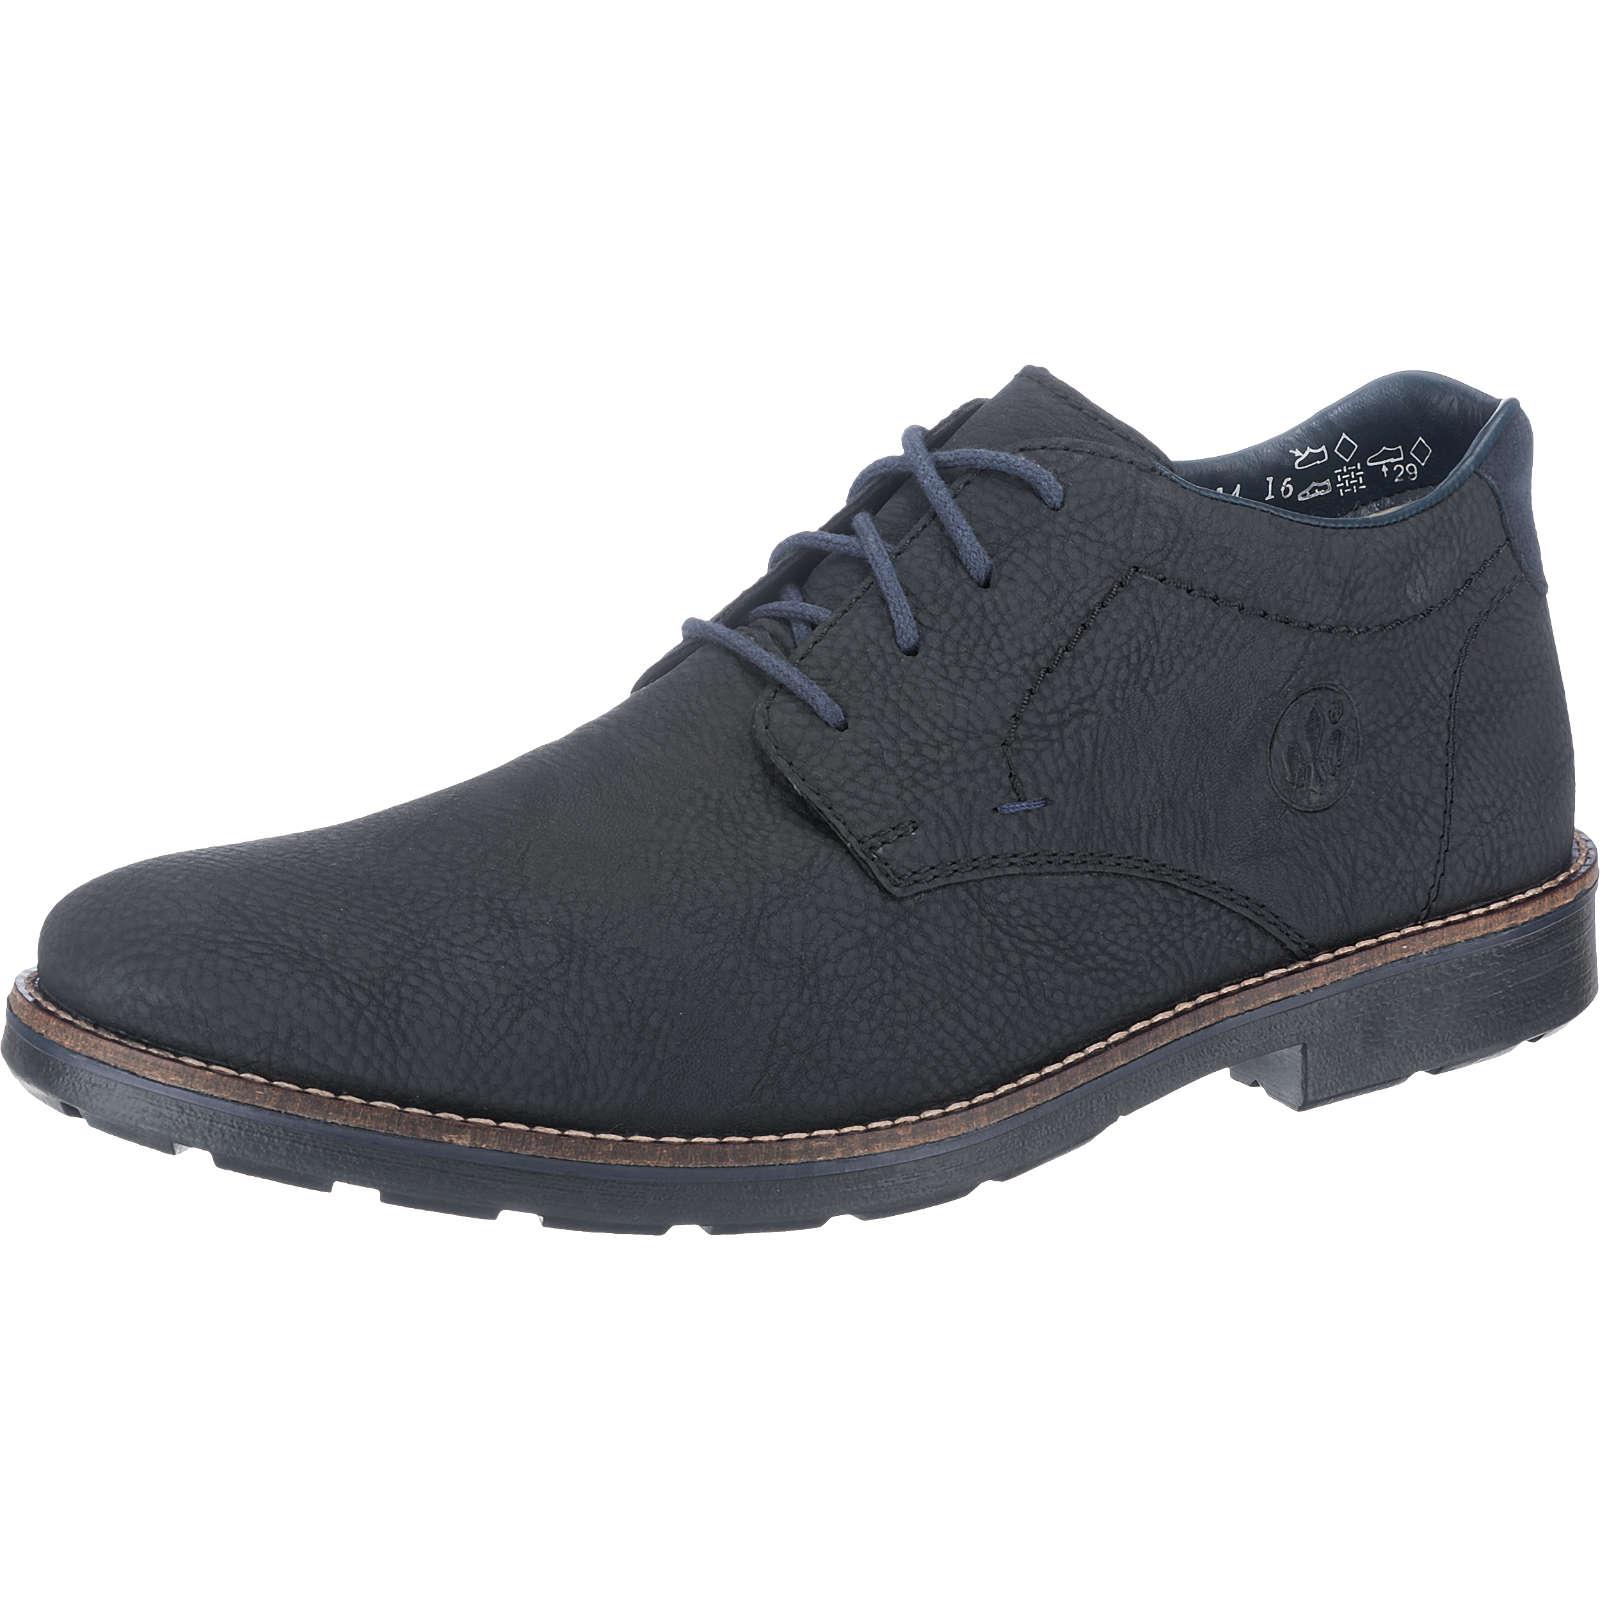 rieker Freizeit Schuhe schwarz Herren Gr. 45